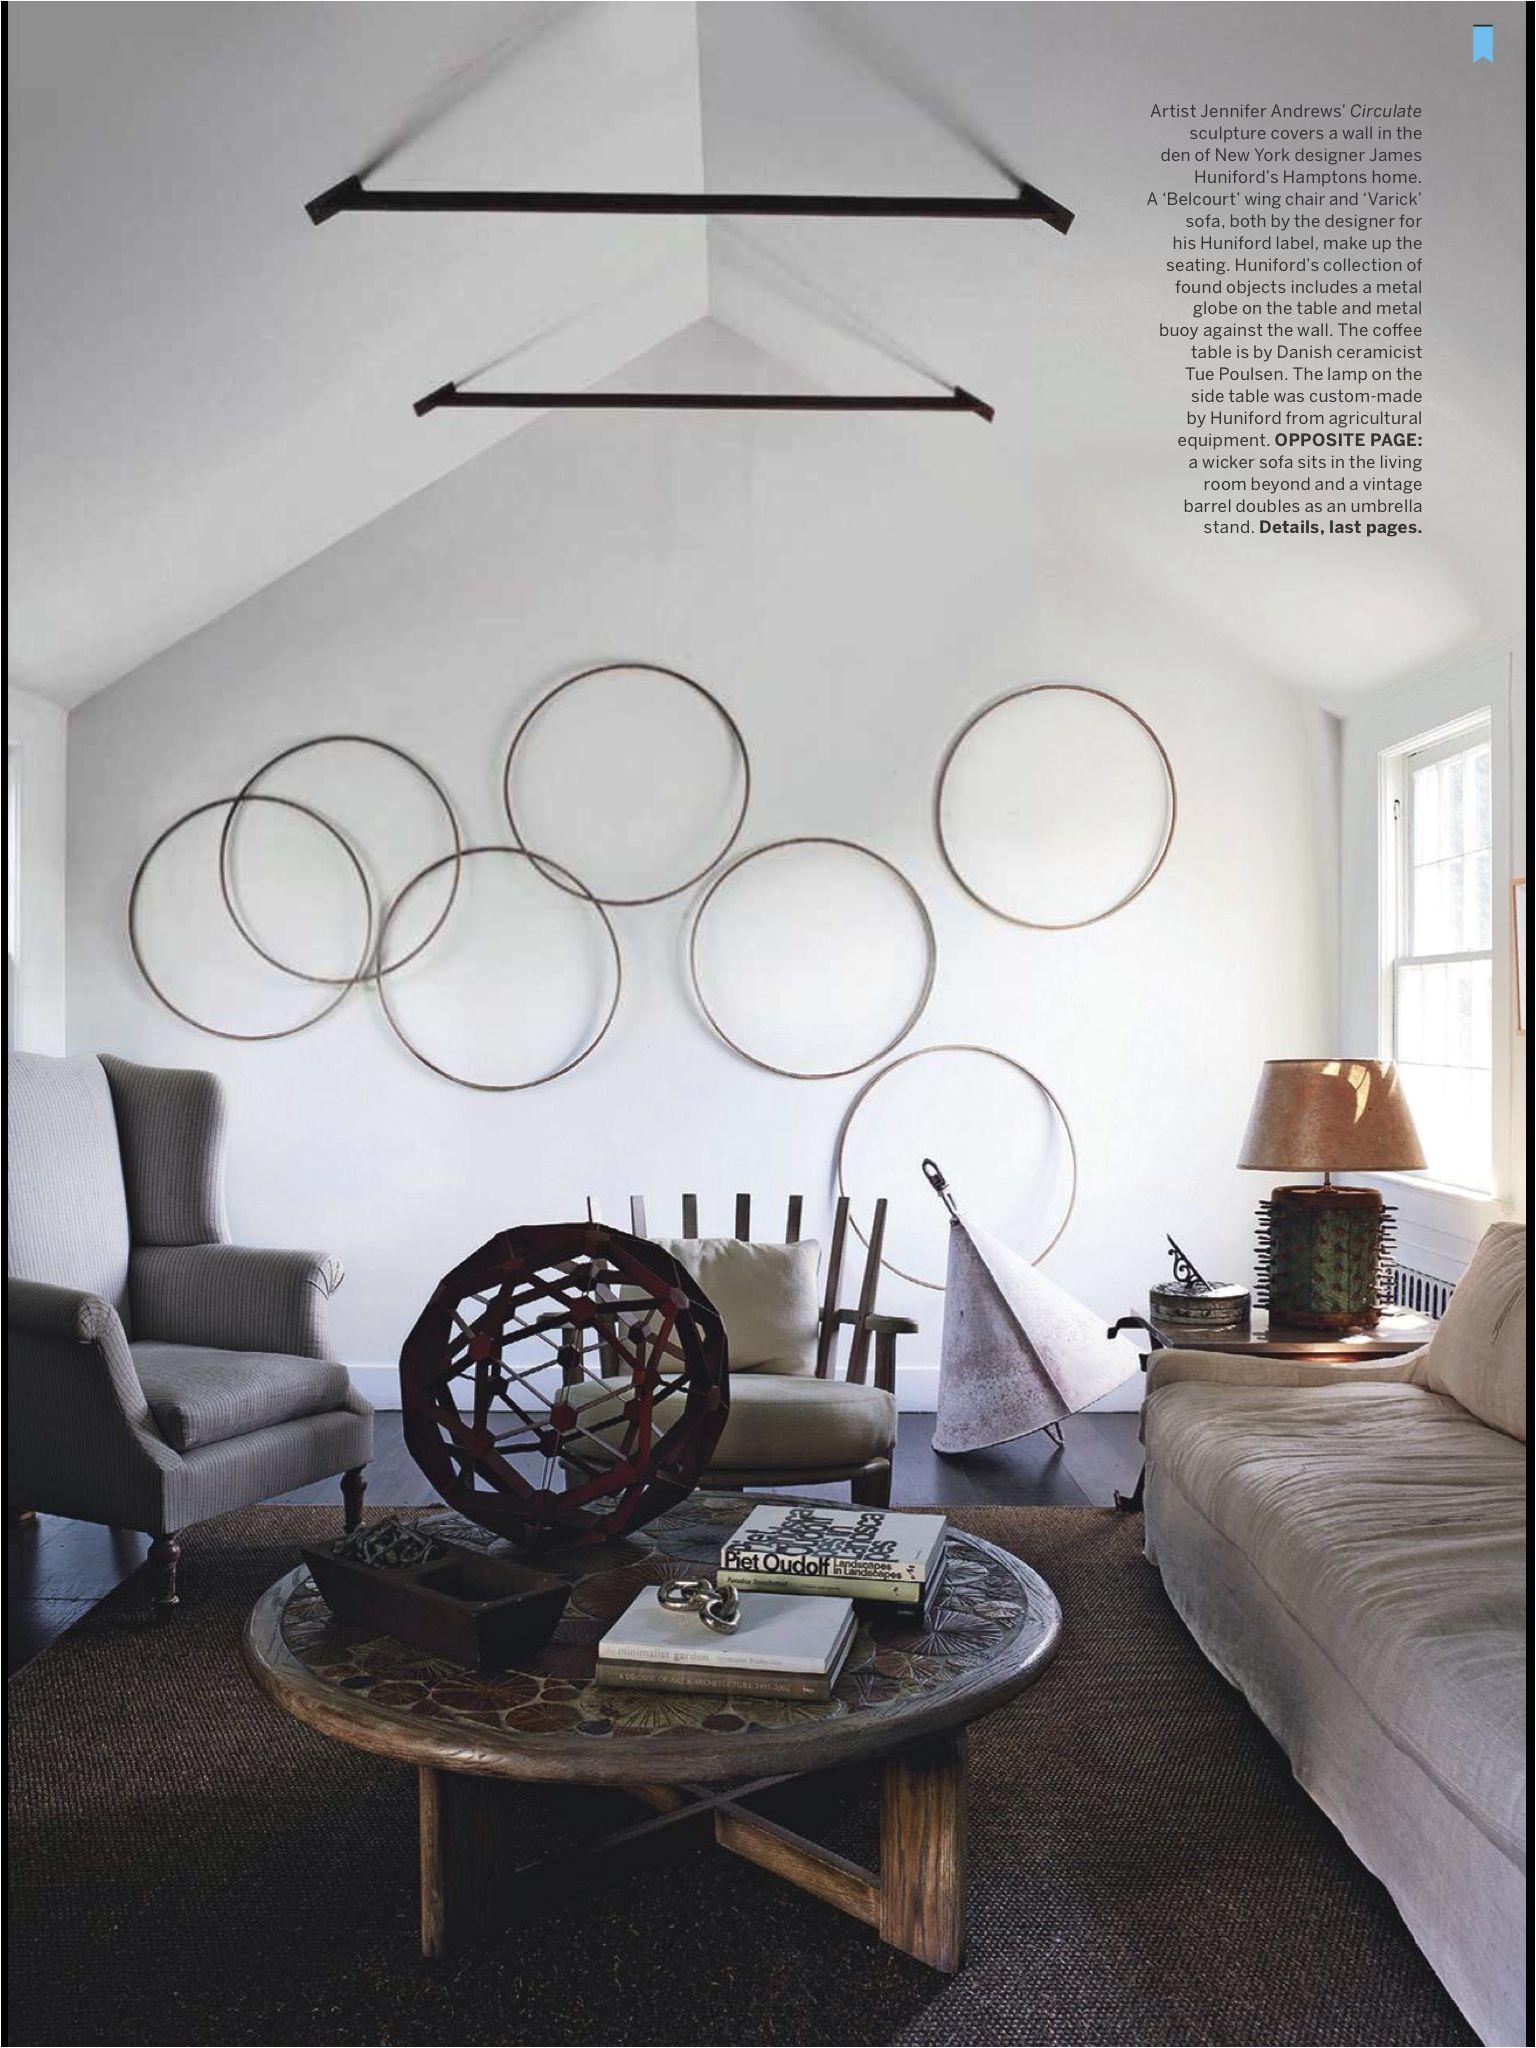 Adornos Para Mesa De Sala Manualidades Vogue Living August 14 Home Decor Pinterest